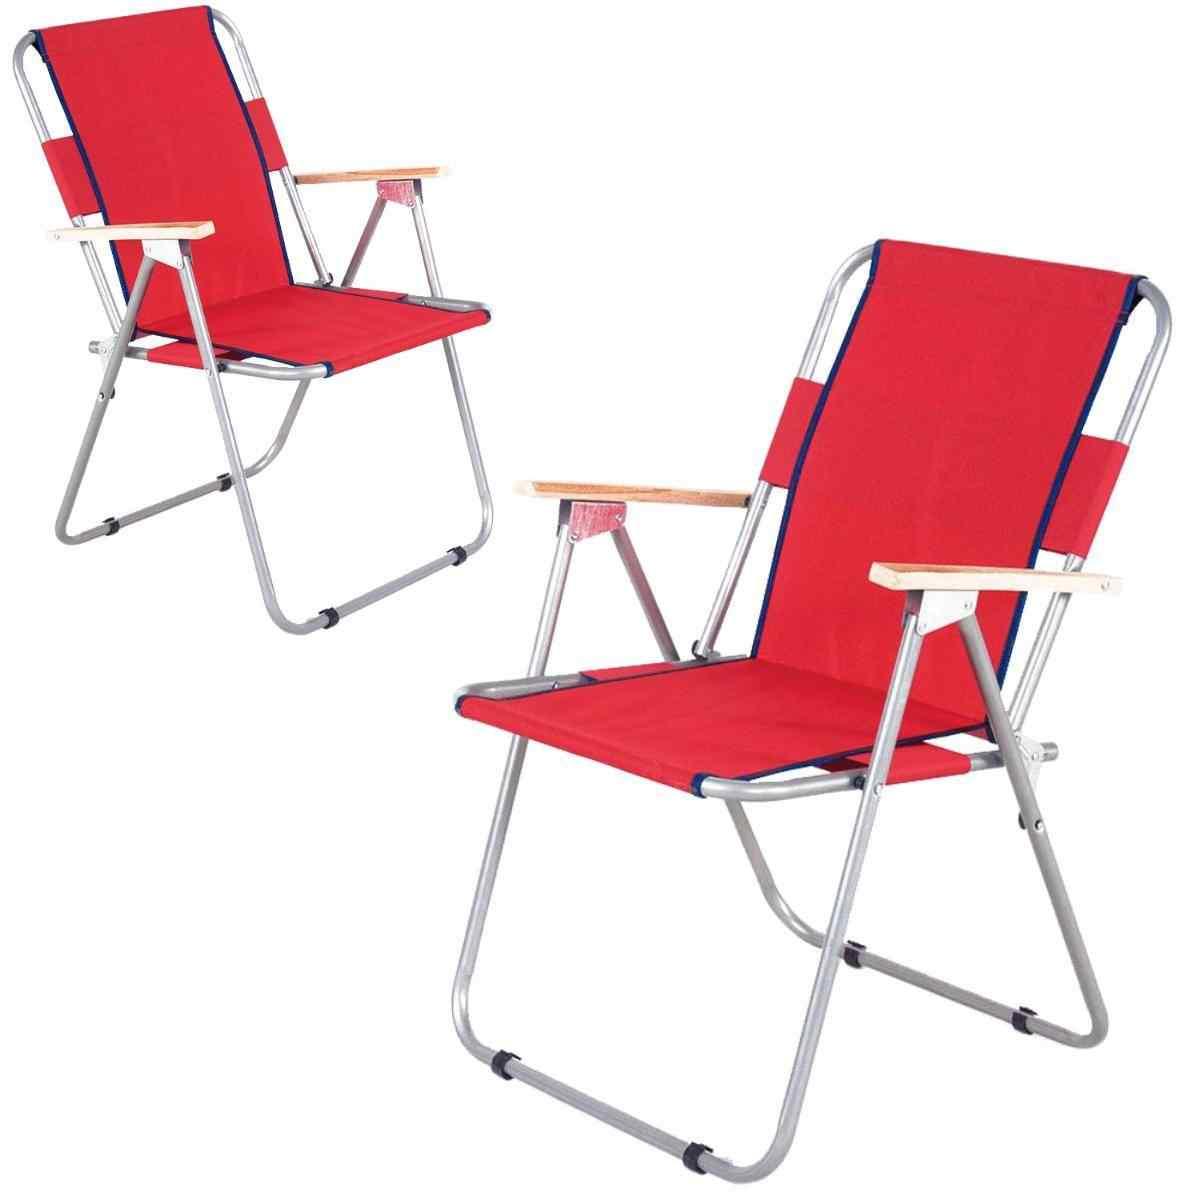 İbiza Ahşap Kollu Sandalye Katlanabilir Piknik Sandalyesi Kırmızı 2 Adet